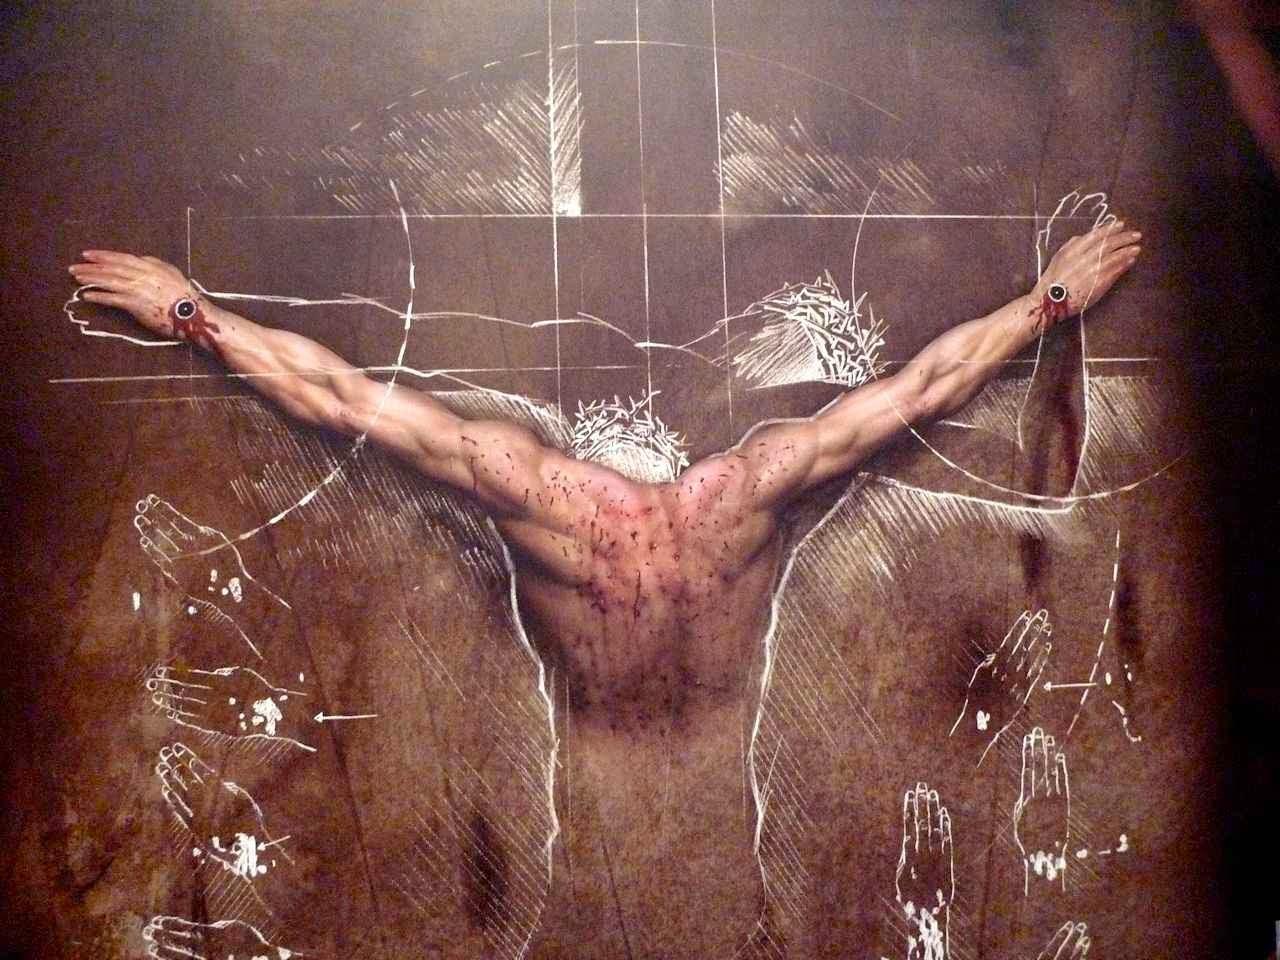 Para Schwortz é 'um documento da Paixão e da tortura que Jesus sofreu'. Foto da exposição 'O homem do Sudário', Curitiba